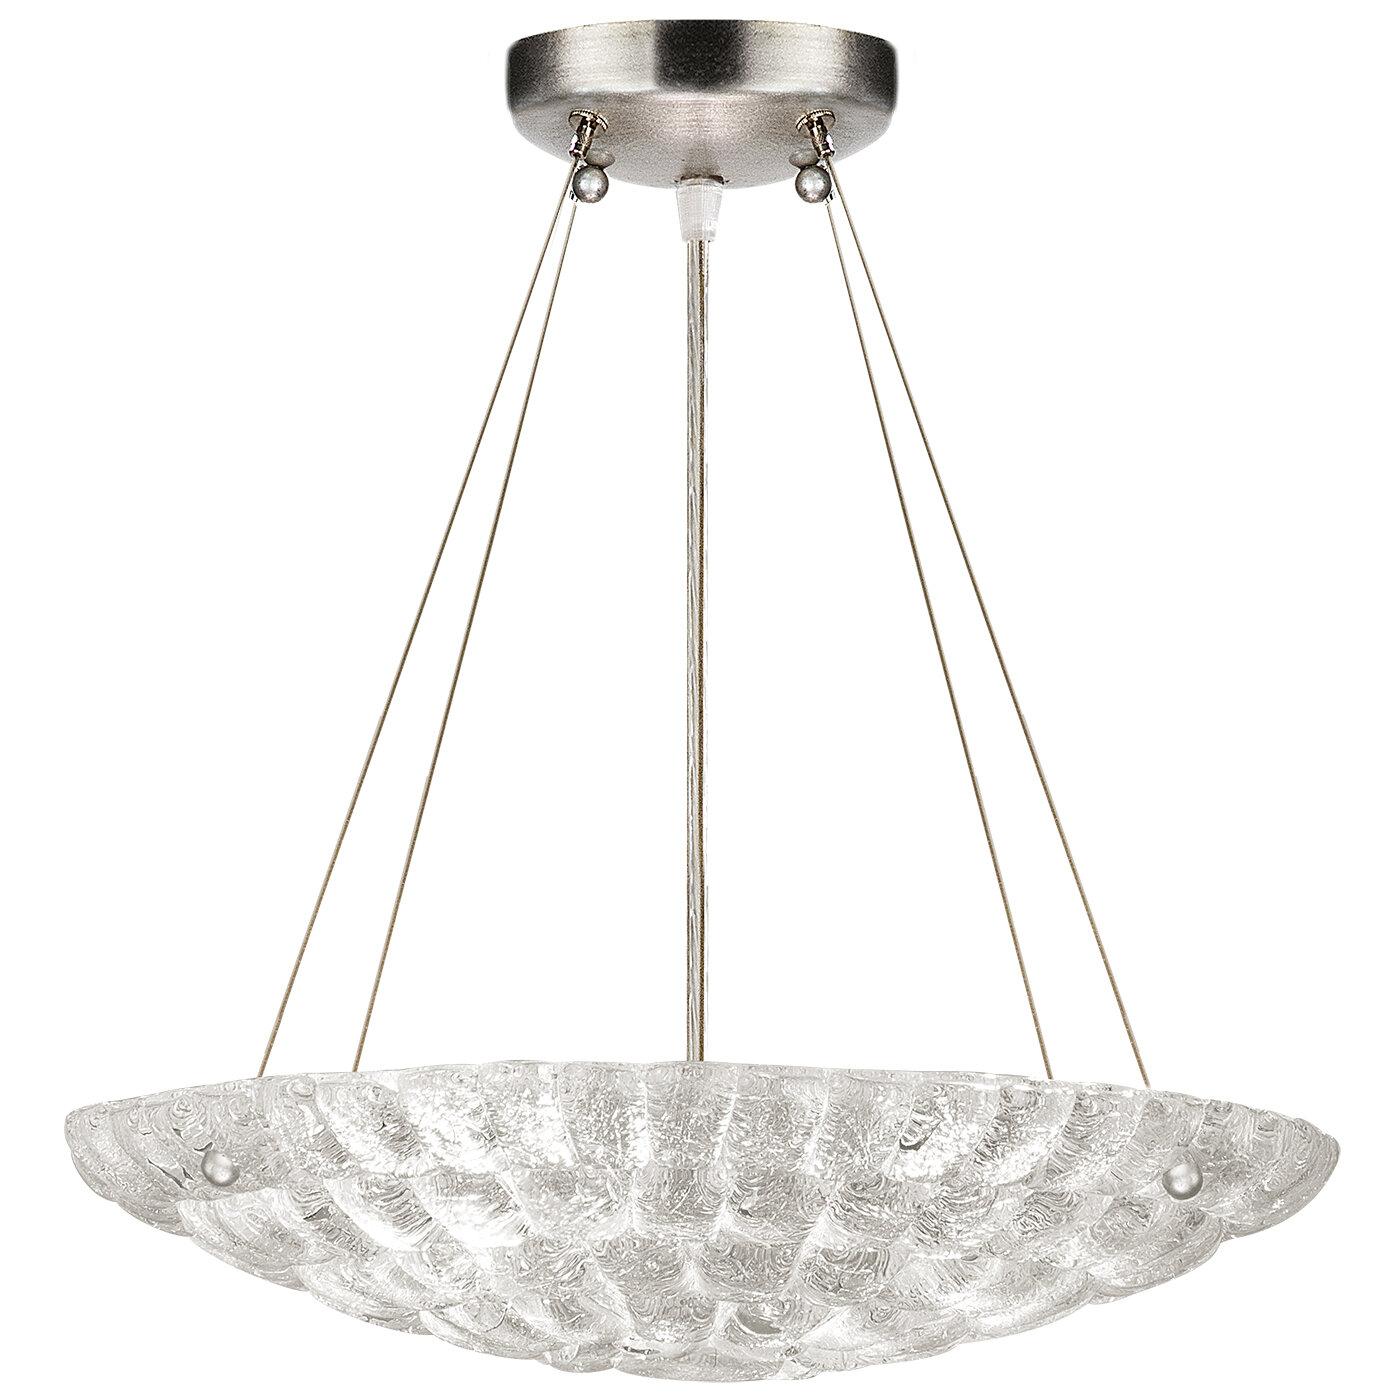 Fine Art Lamps Constructivism 3 Light Unique Statement Bowl Pendant Perigold